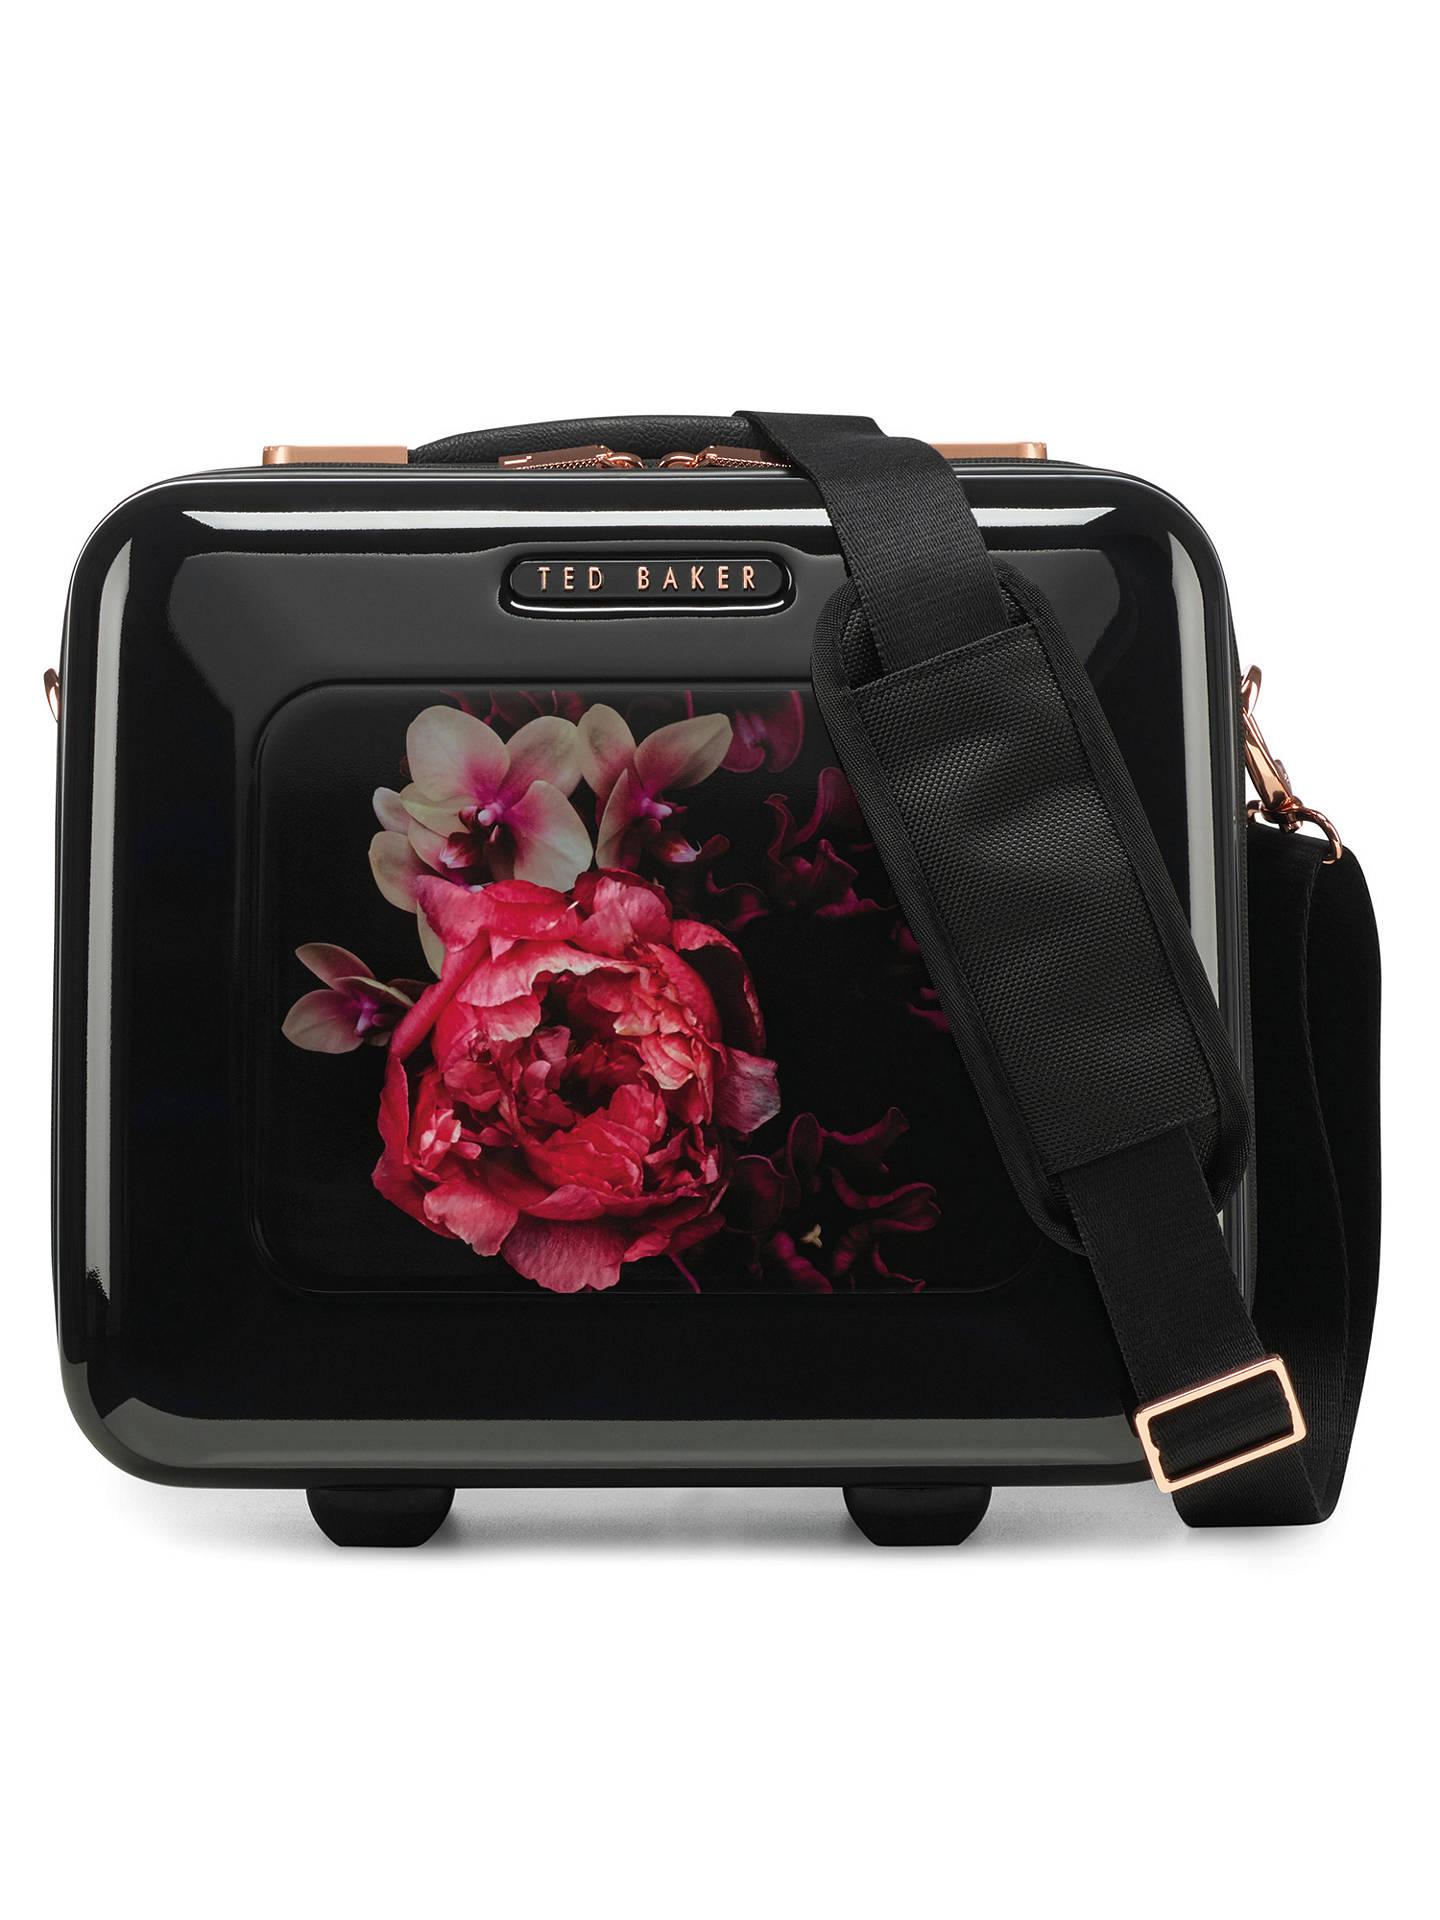 caff1060d ... Buy Ted Baker Splendour Vanity Case